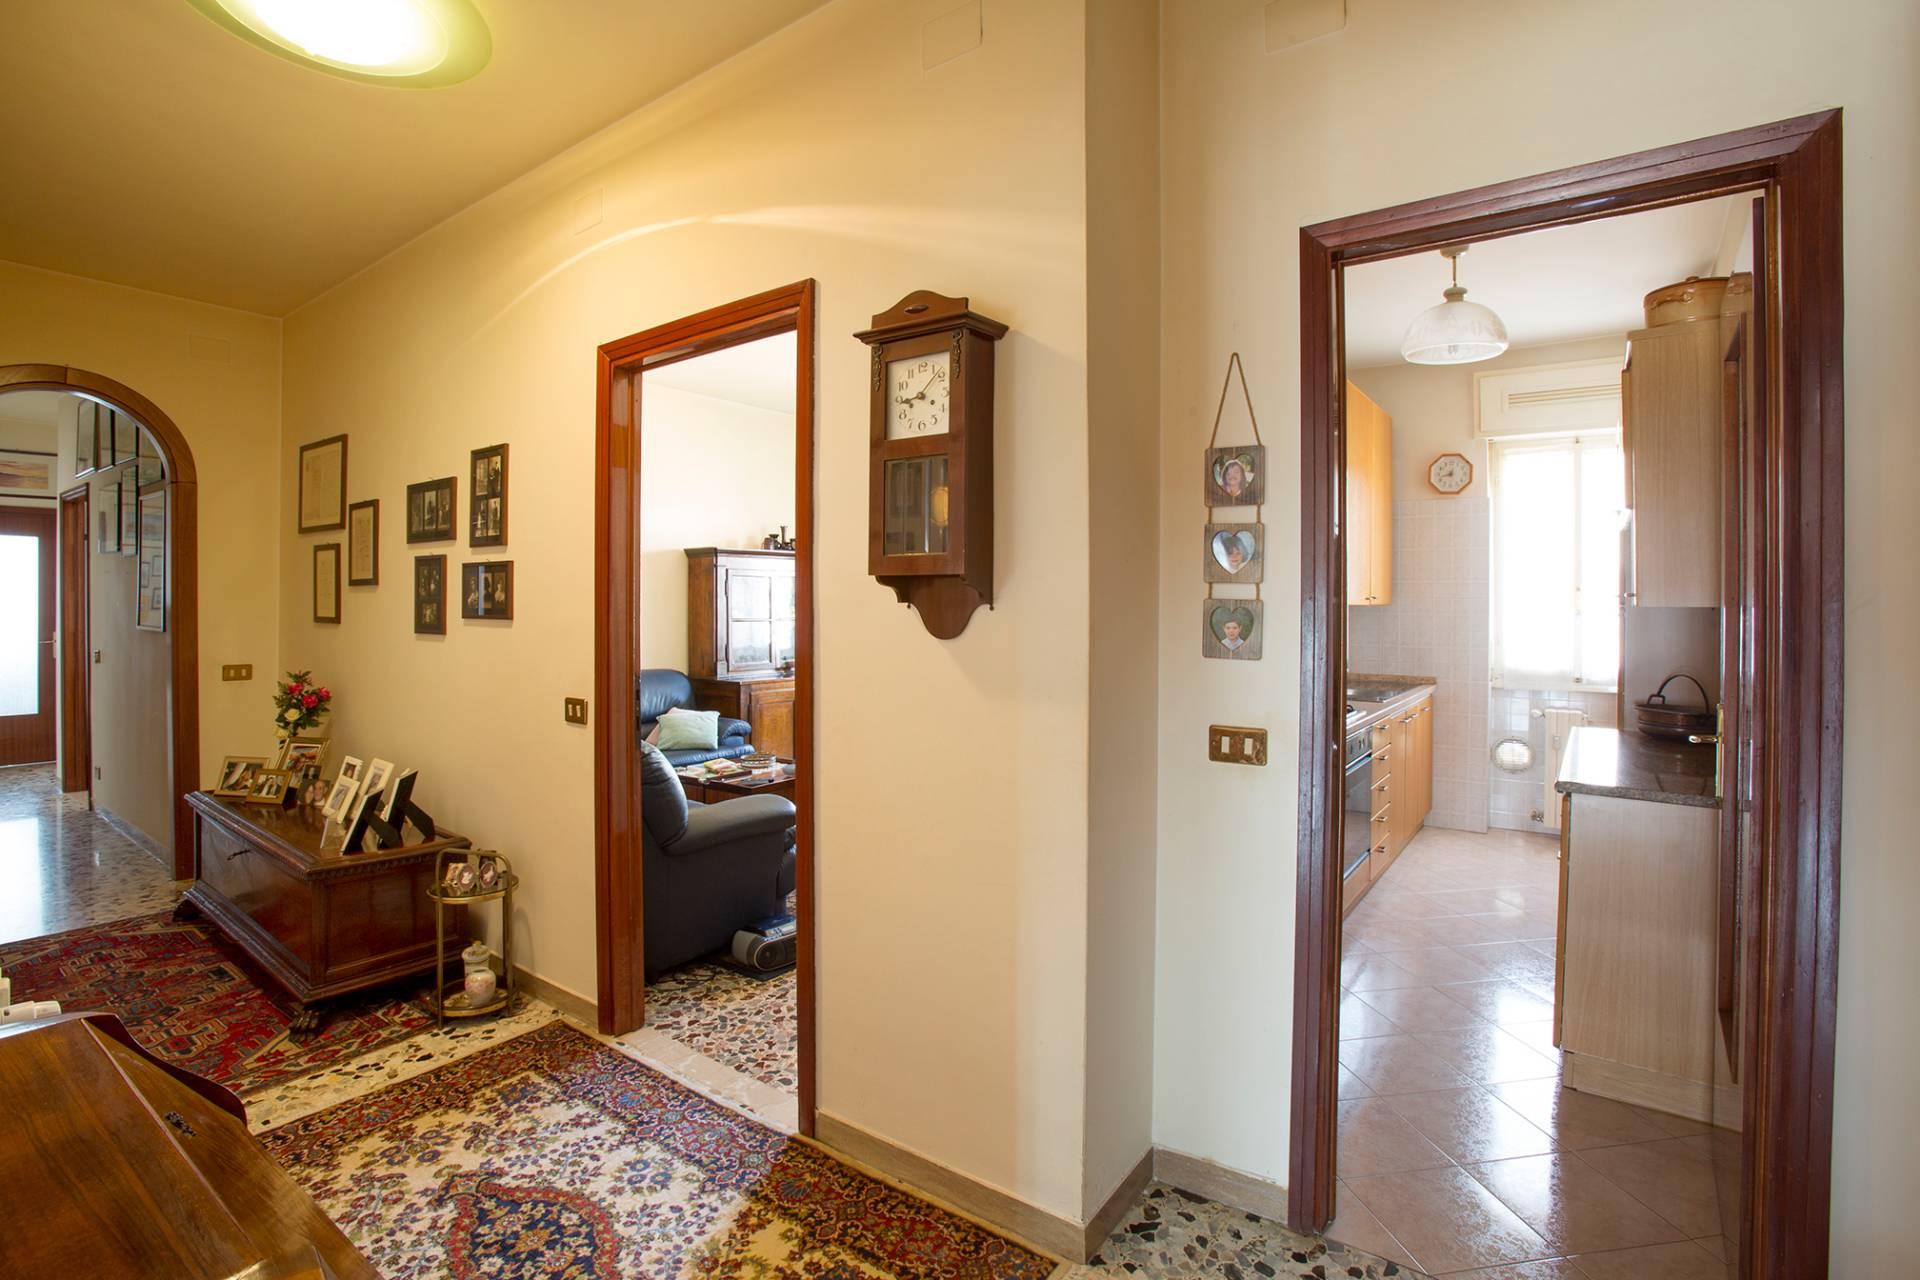 Appartamento in vendita a Lumezzane, 3 locali, zona Località: LumezzaneSanSebastiano, prezzo € 82.000 | CambioCasa.it